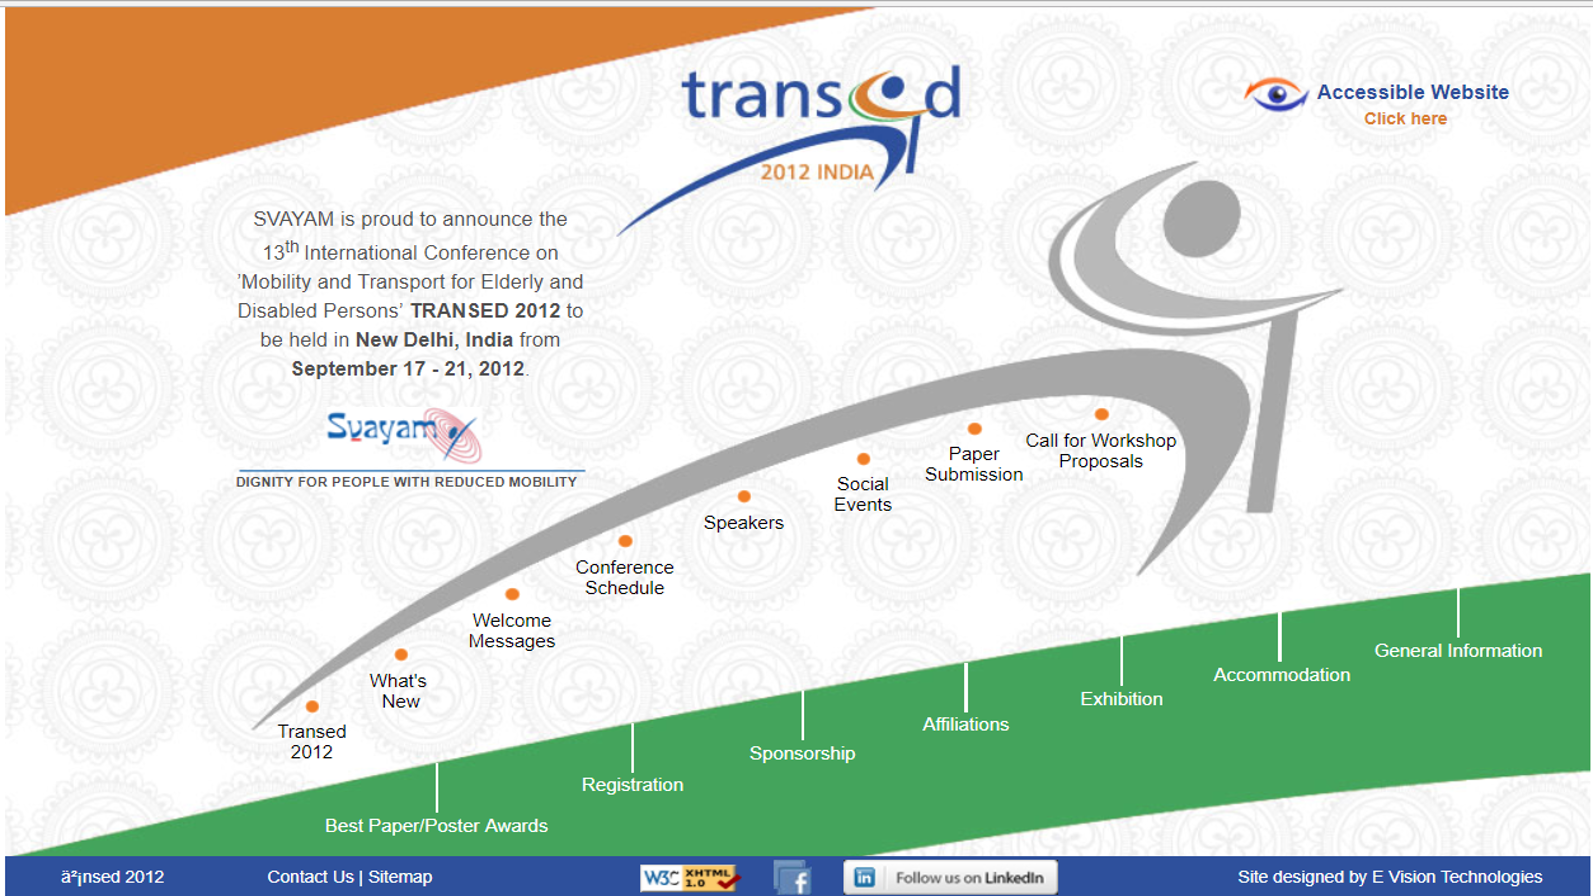 Hyperlinked image of TRANSED 2012 India website homepage